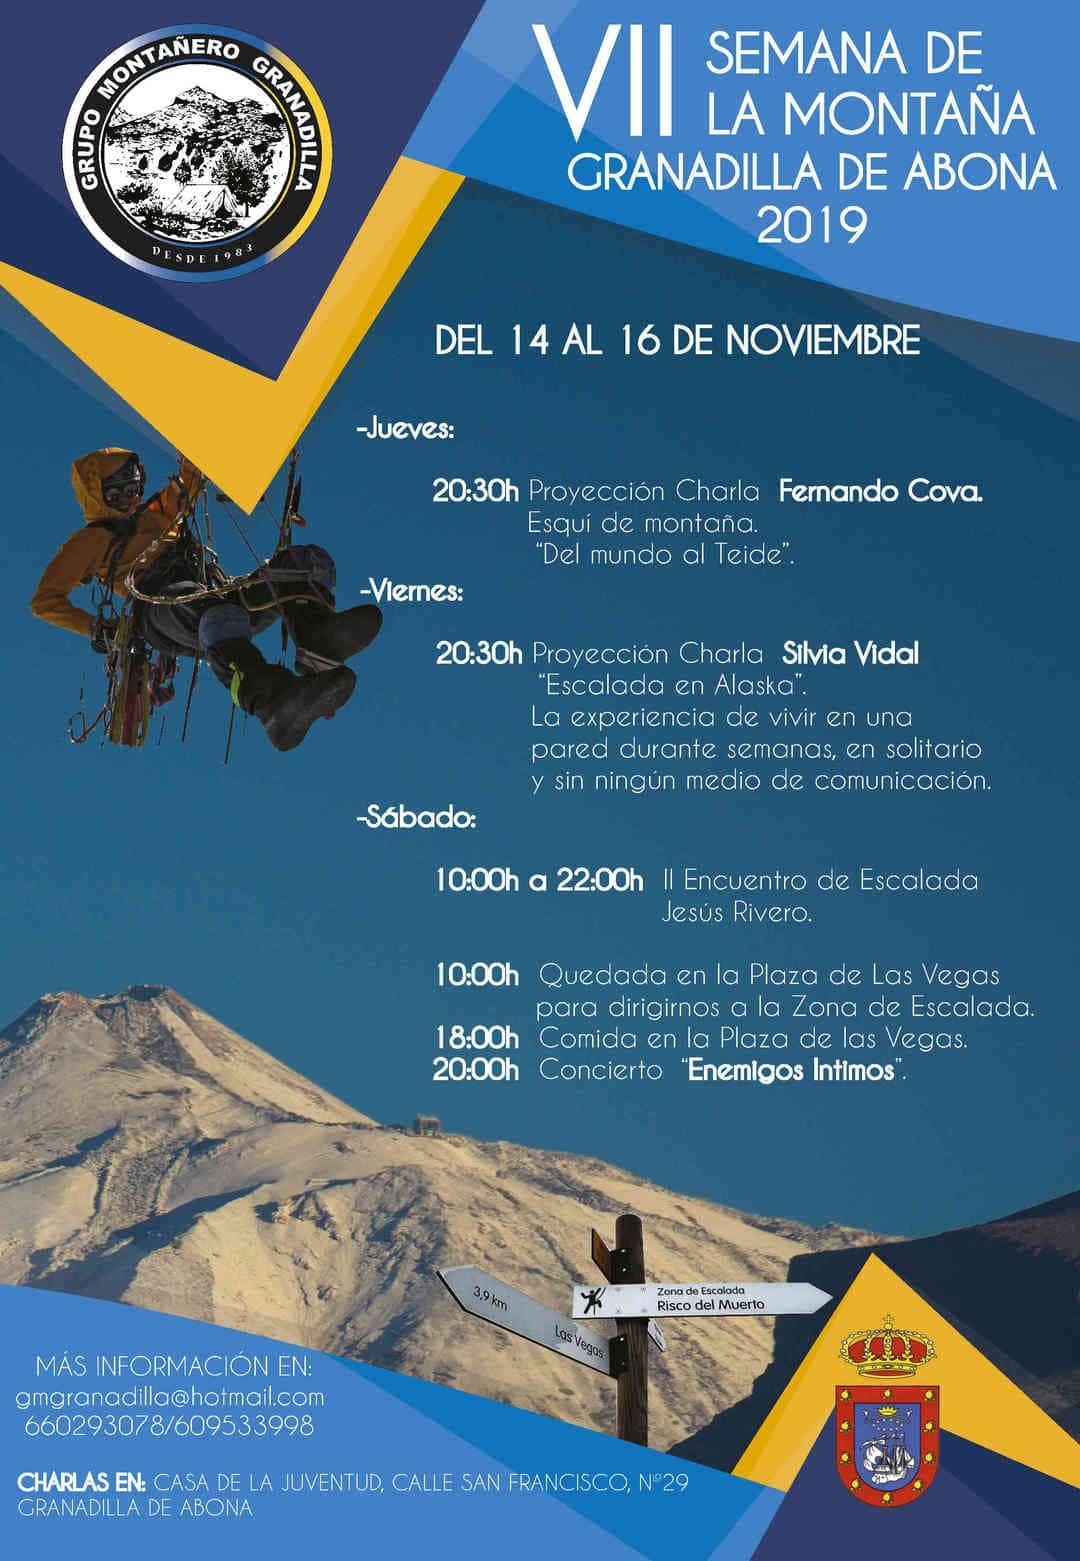 La 'VII Semana de la Montaña de Granadilla de Abona', del 14 al 16 de noviembre